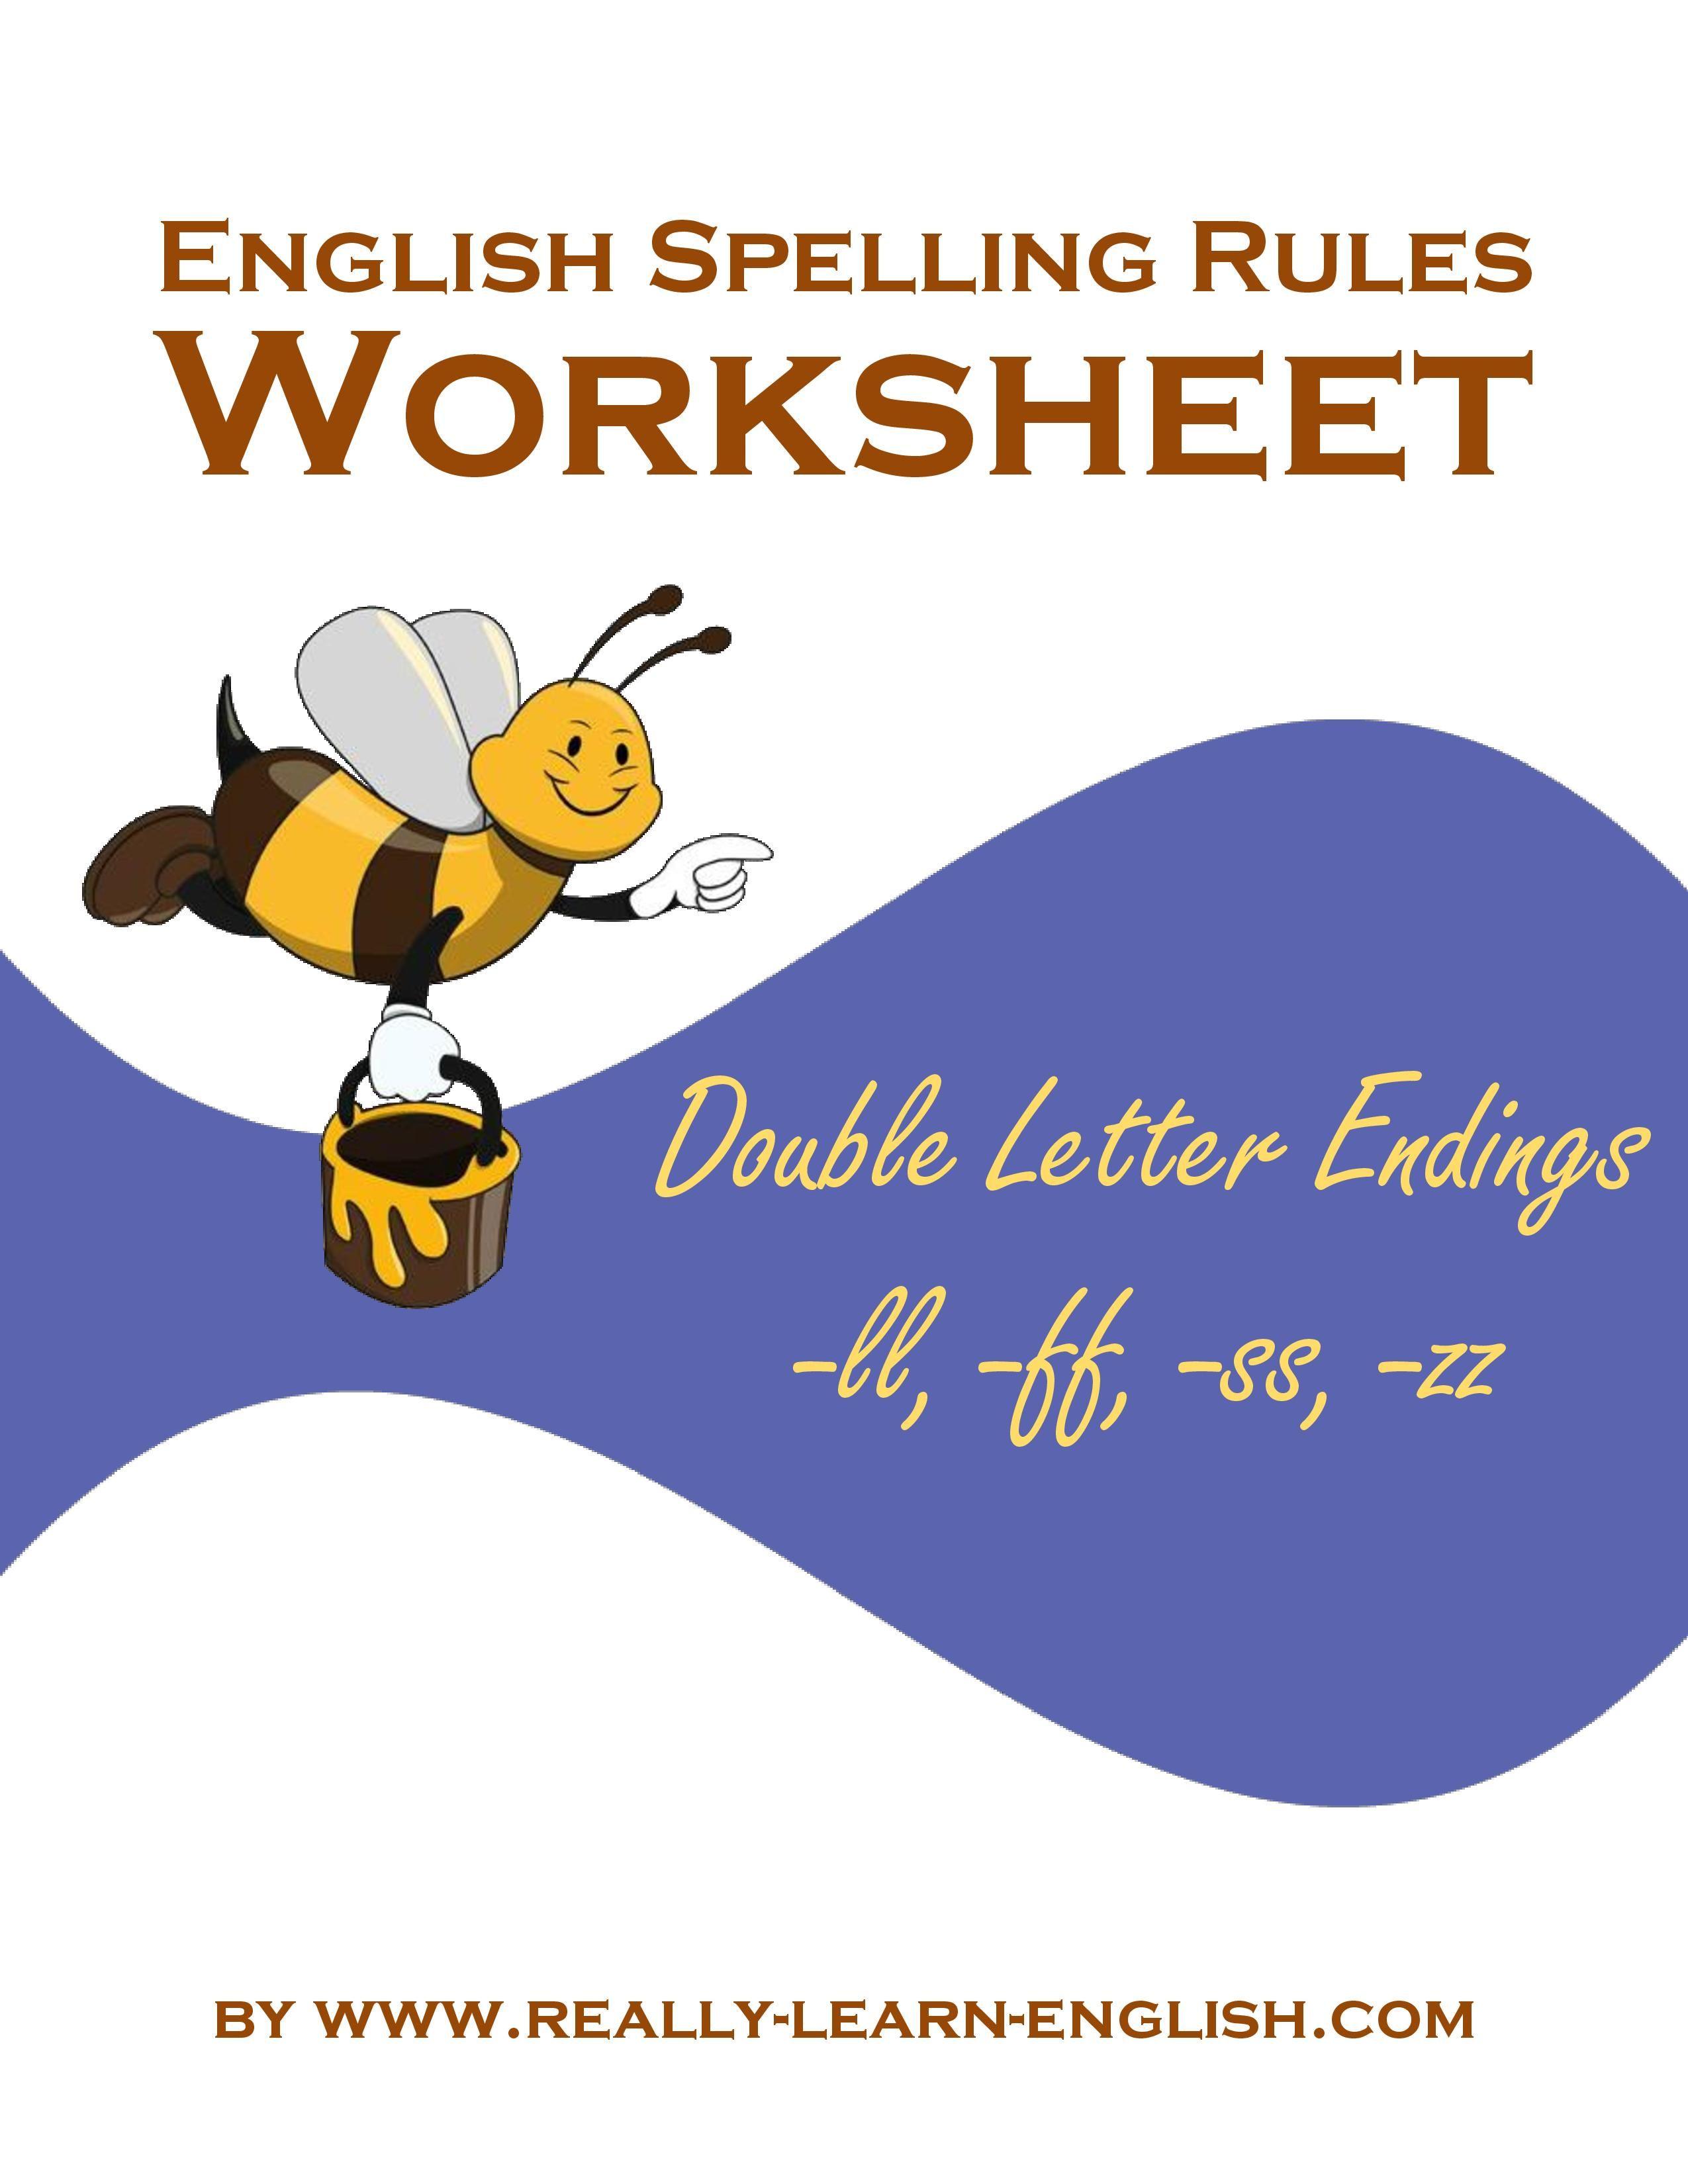 English Spelling Rules Printable Worksheets Rule 12